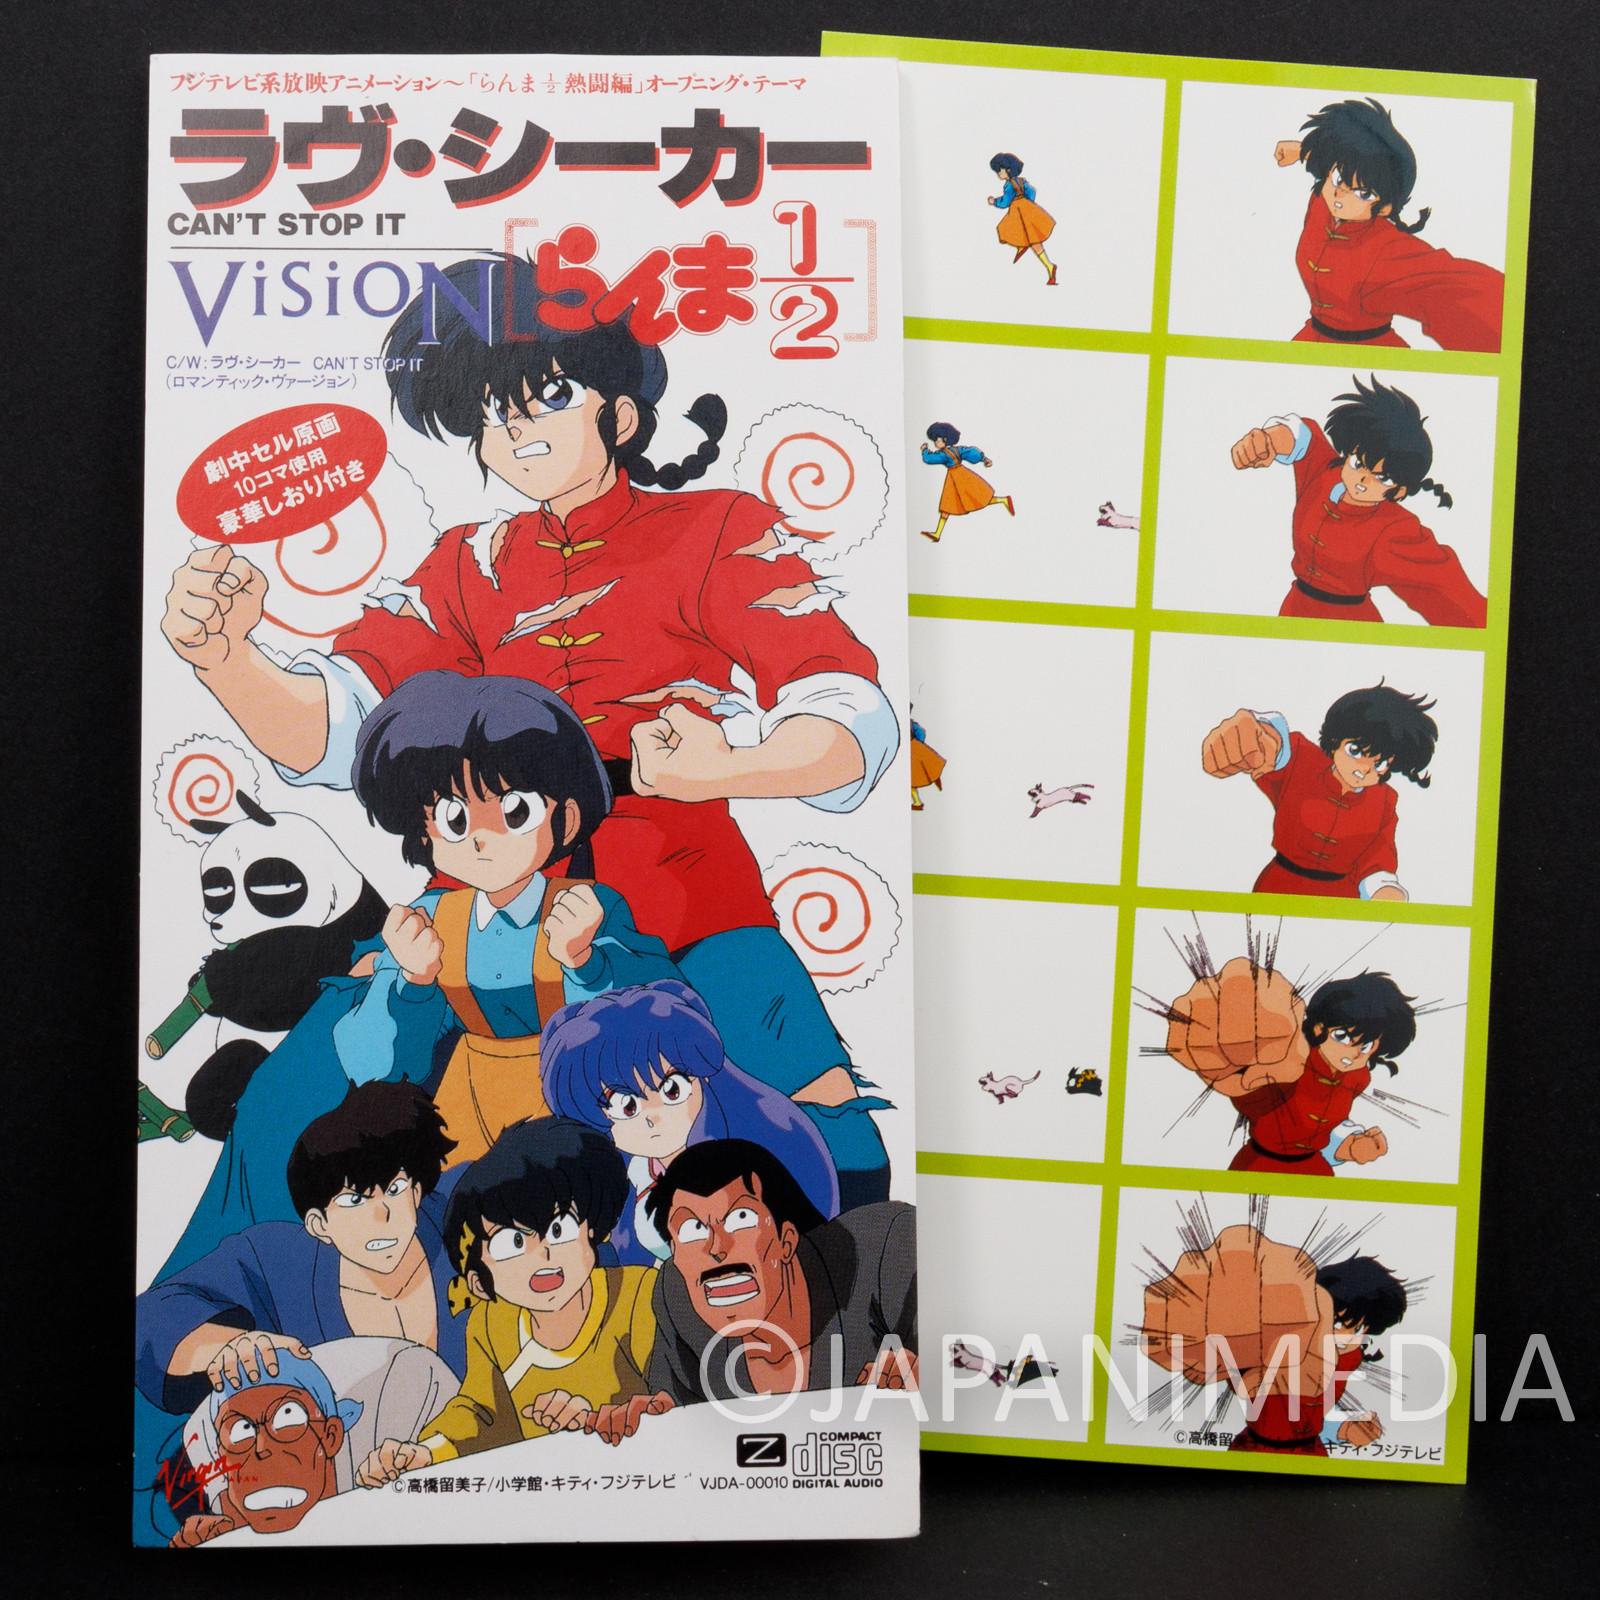 """Ranma 1/2 """"Love Seeker (Can't stop it)"""" Japan 3 Inch (8cm) Single JAPAN CD"""